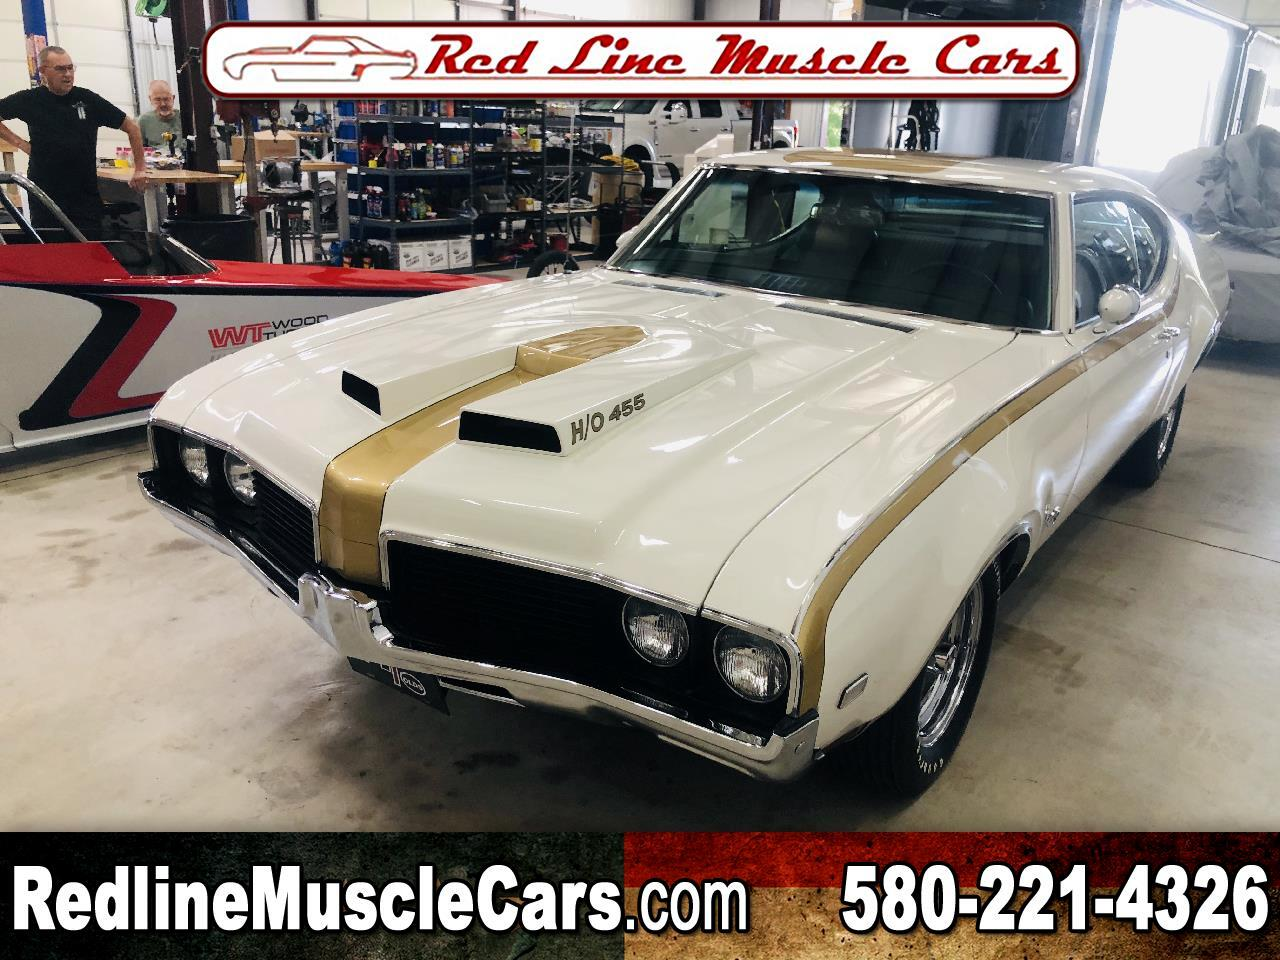 1969 Oldsmobile Hurst 455HO